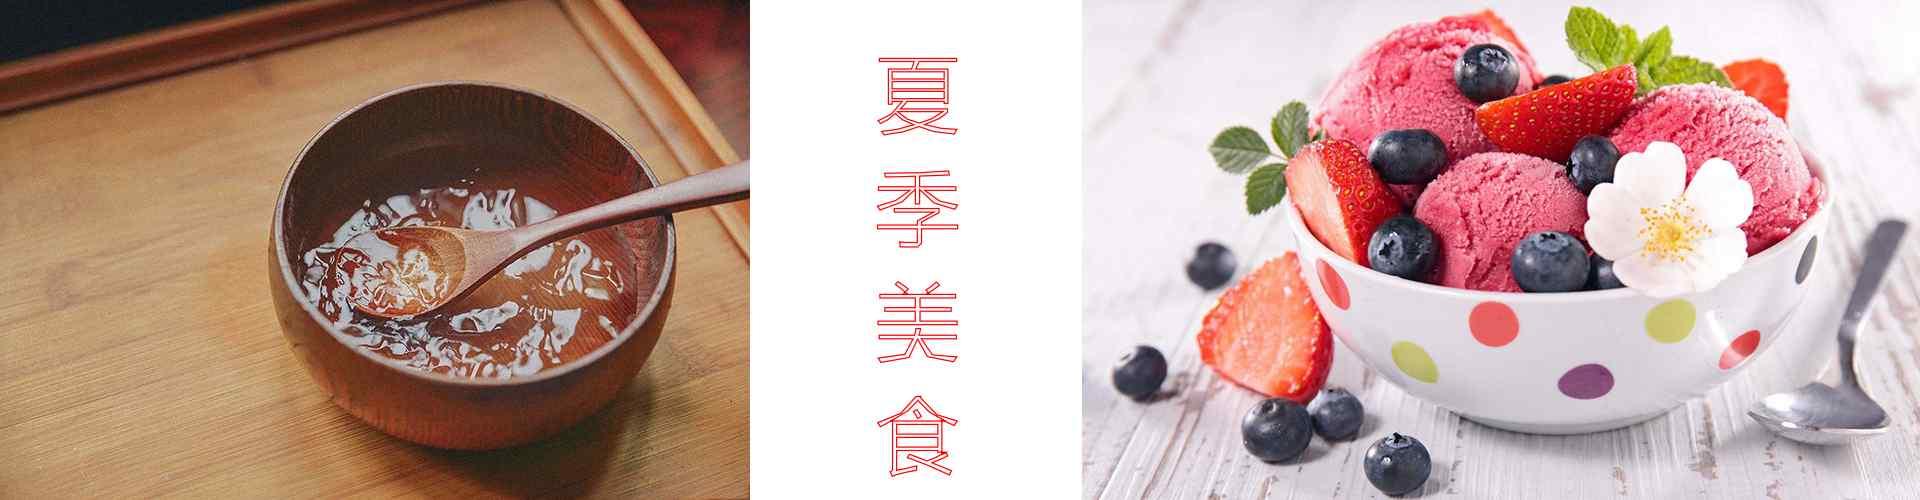 夏季美食_美食图片_冰激凌图片_美食图片大全_美食壁纸